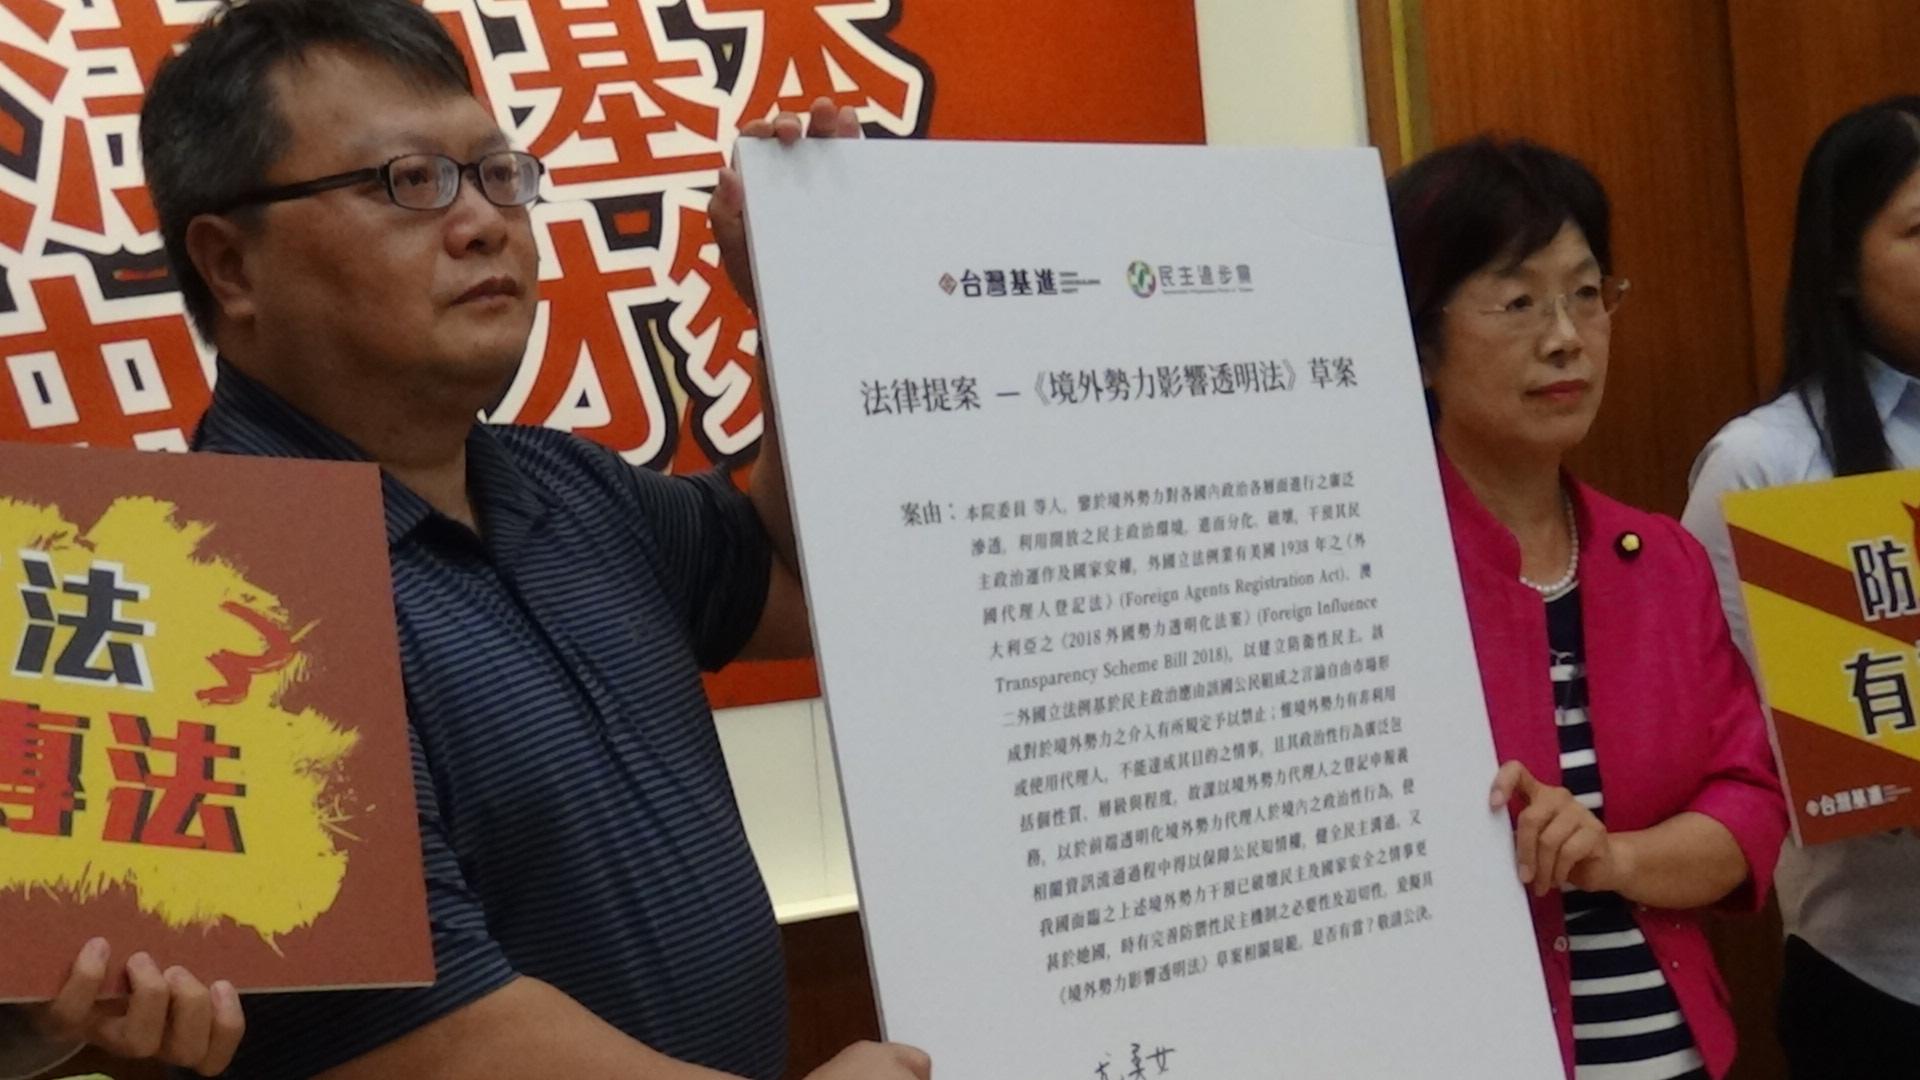 民进党立委尤美女(右)签名连署基进党提出的《境外势力影响透明法》草案。(记者夏小华摄)